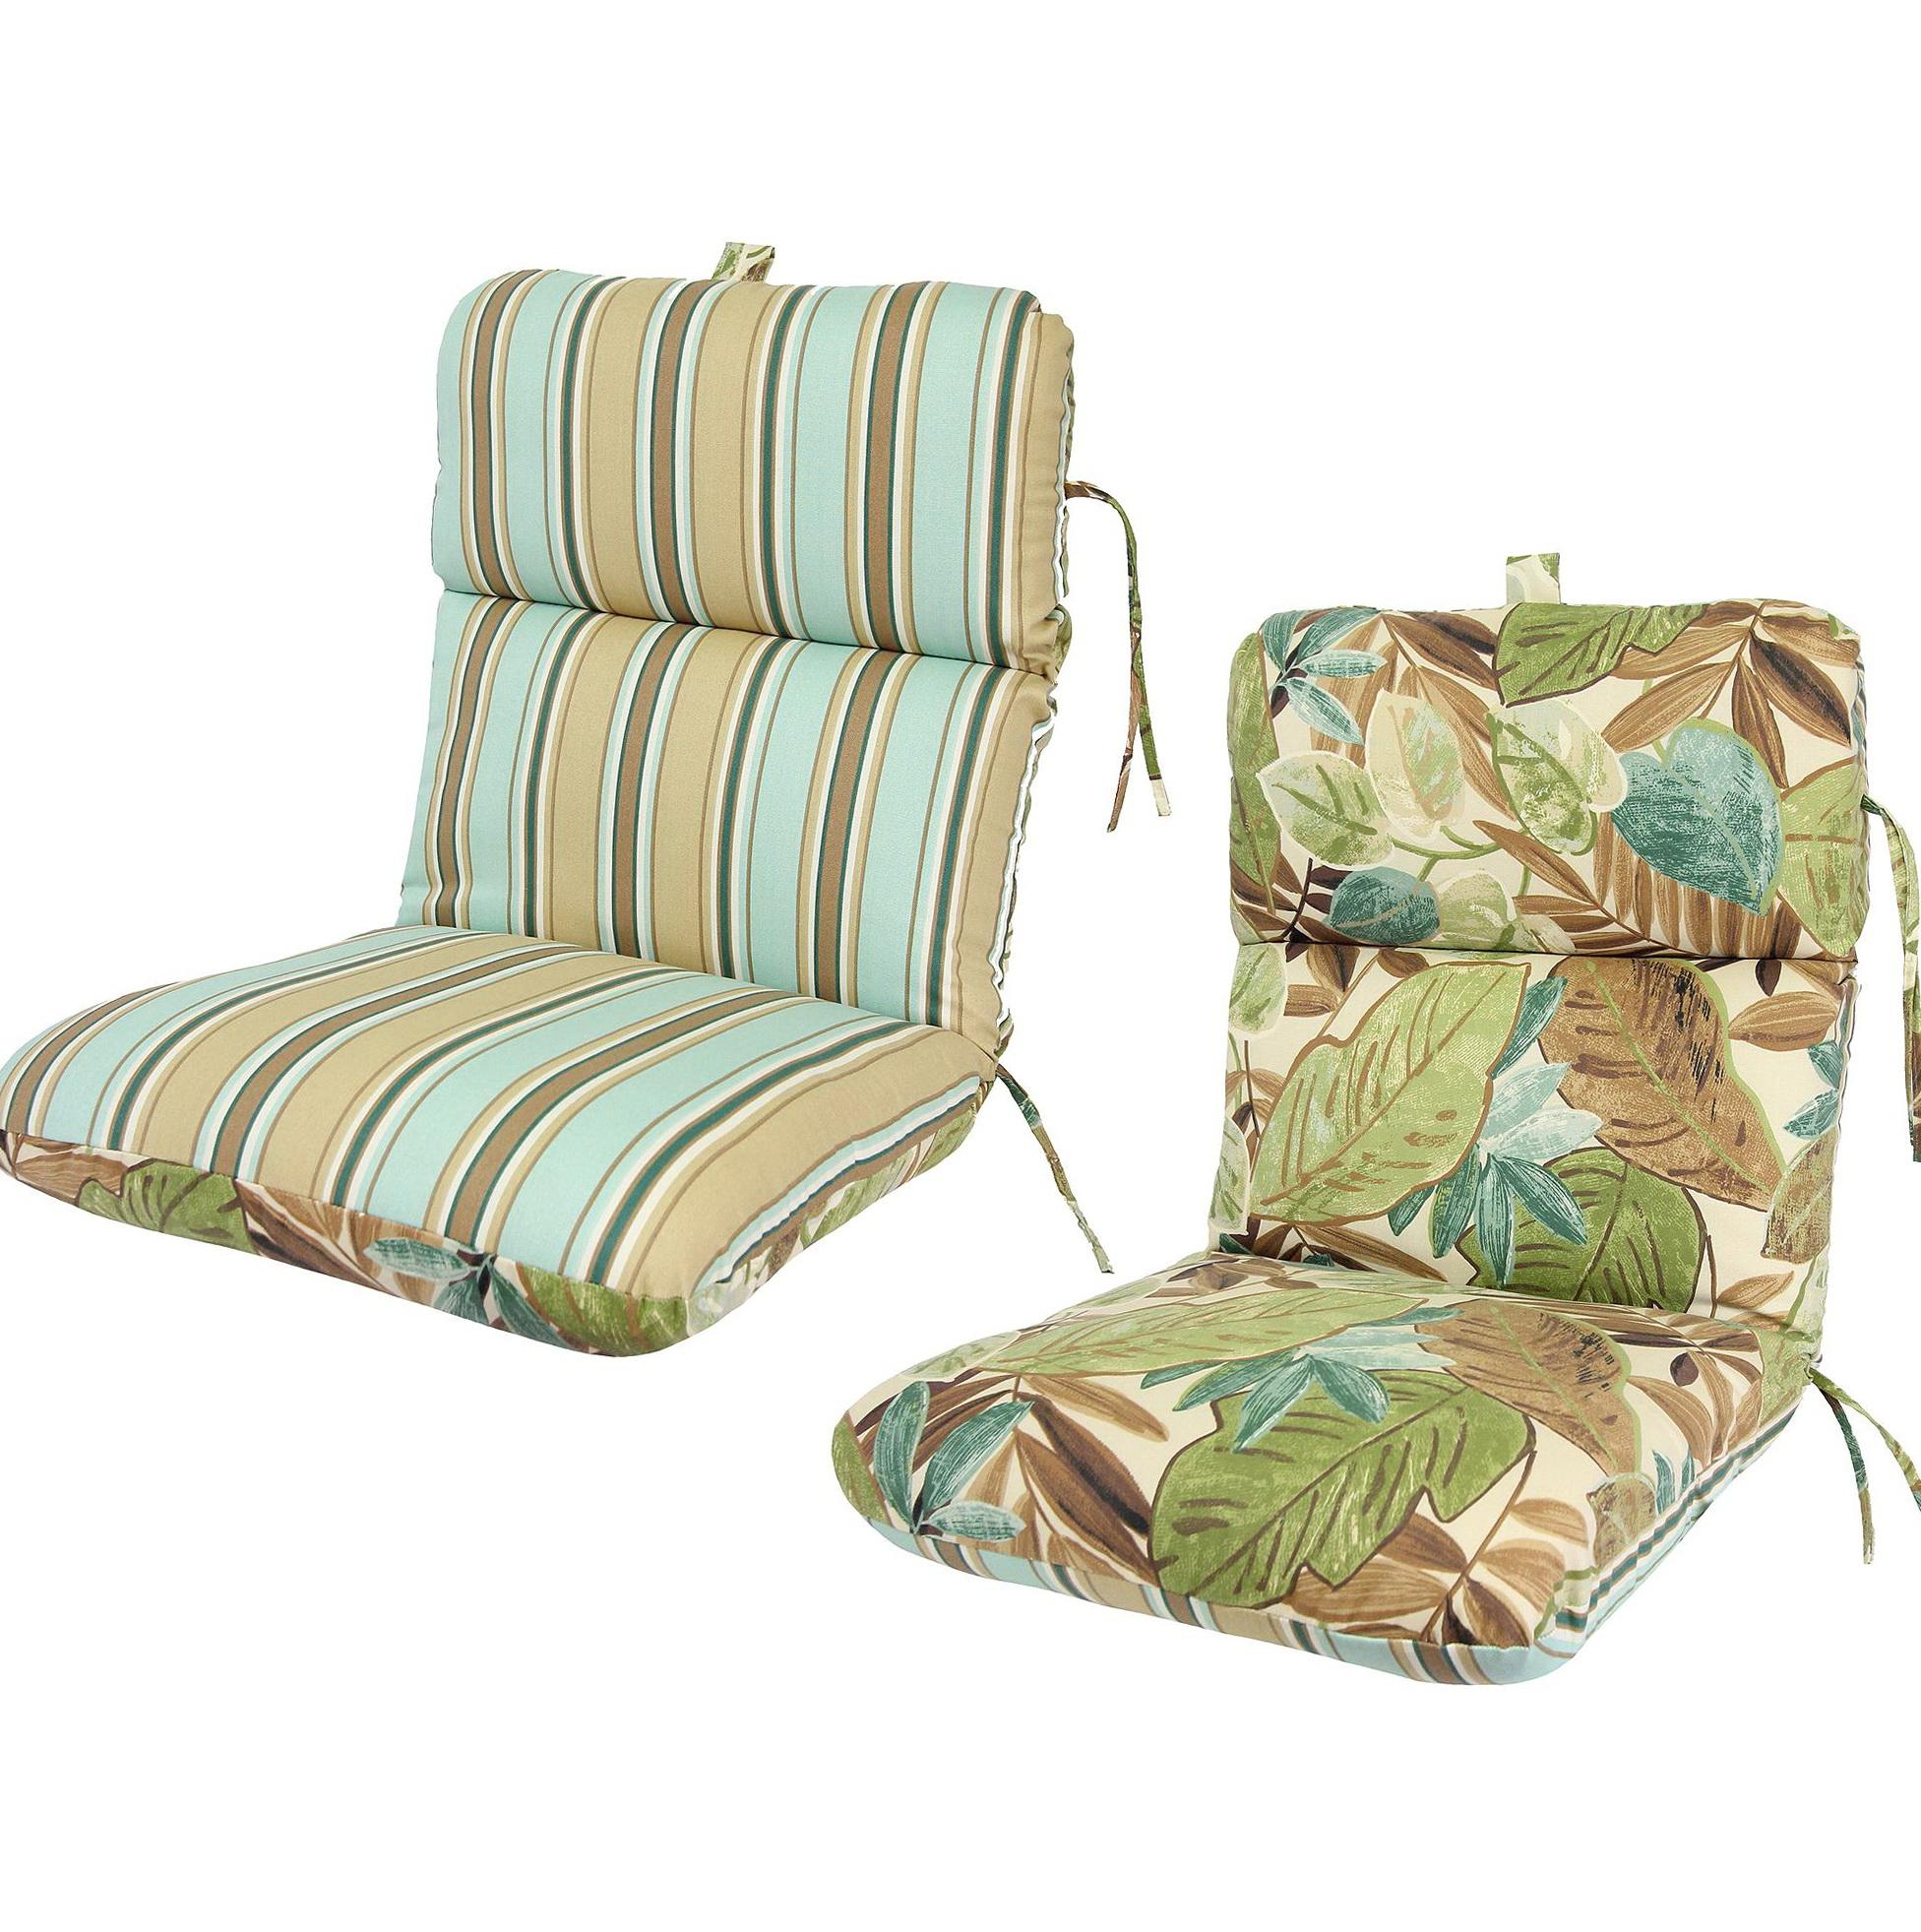 Chair Seat Cushions Walmart